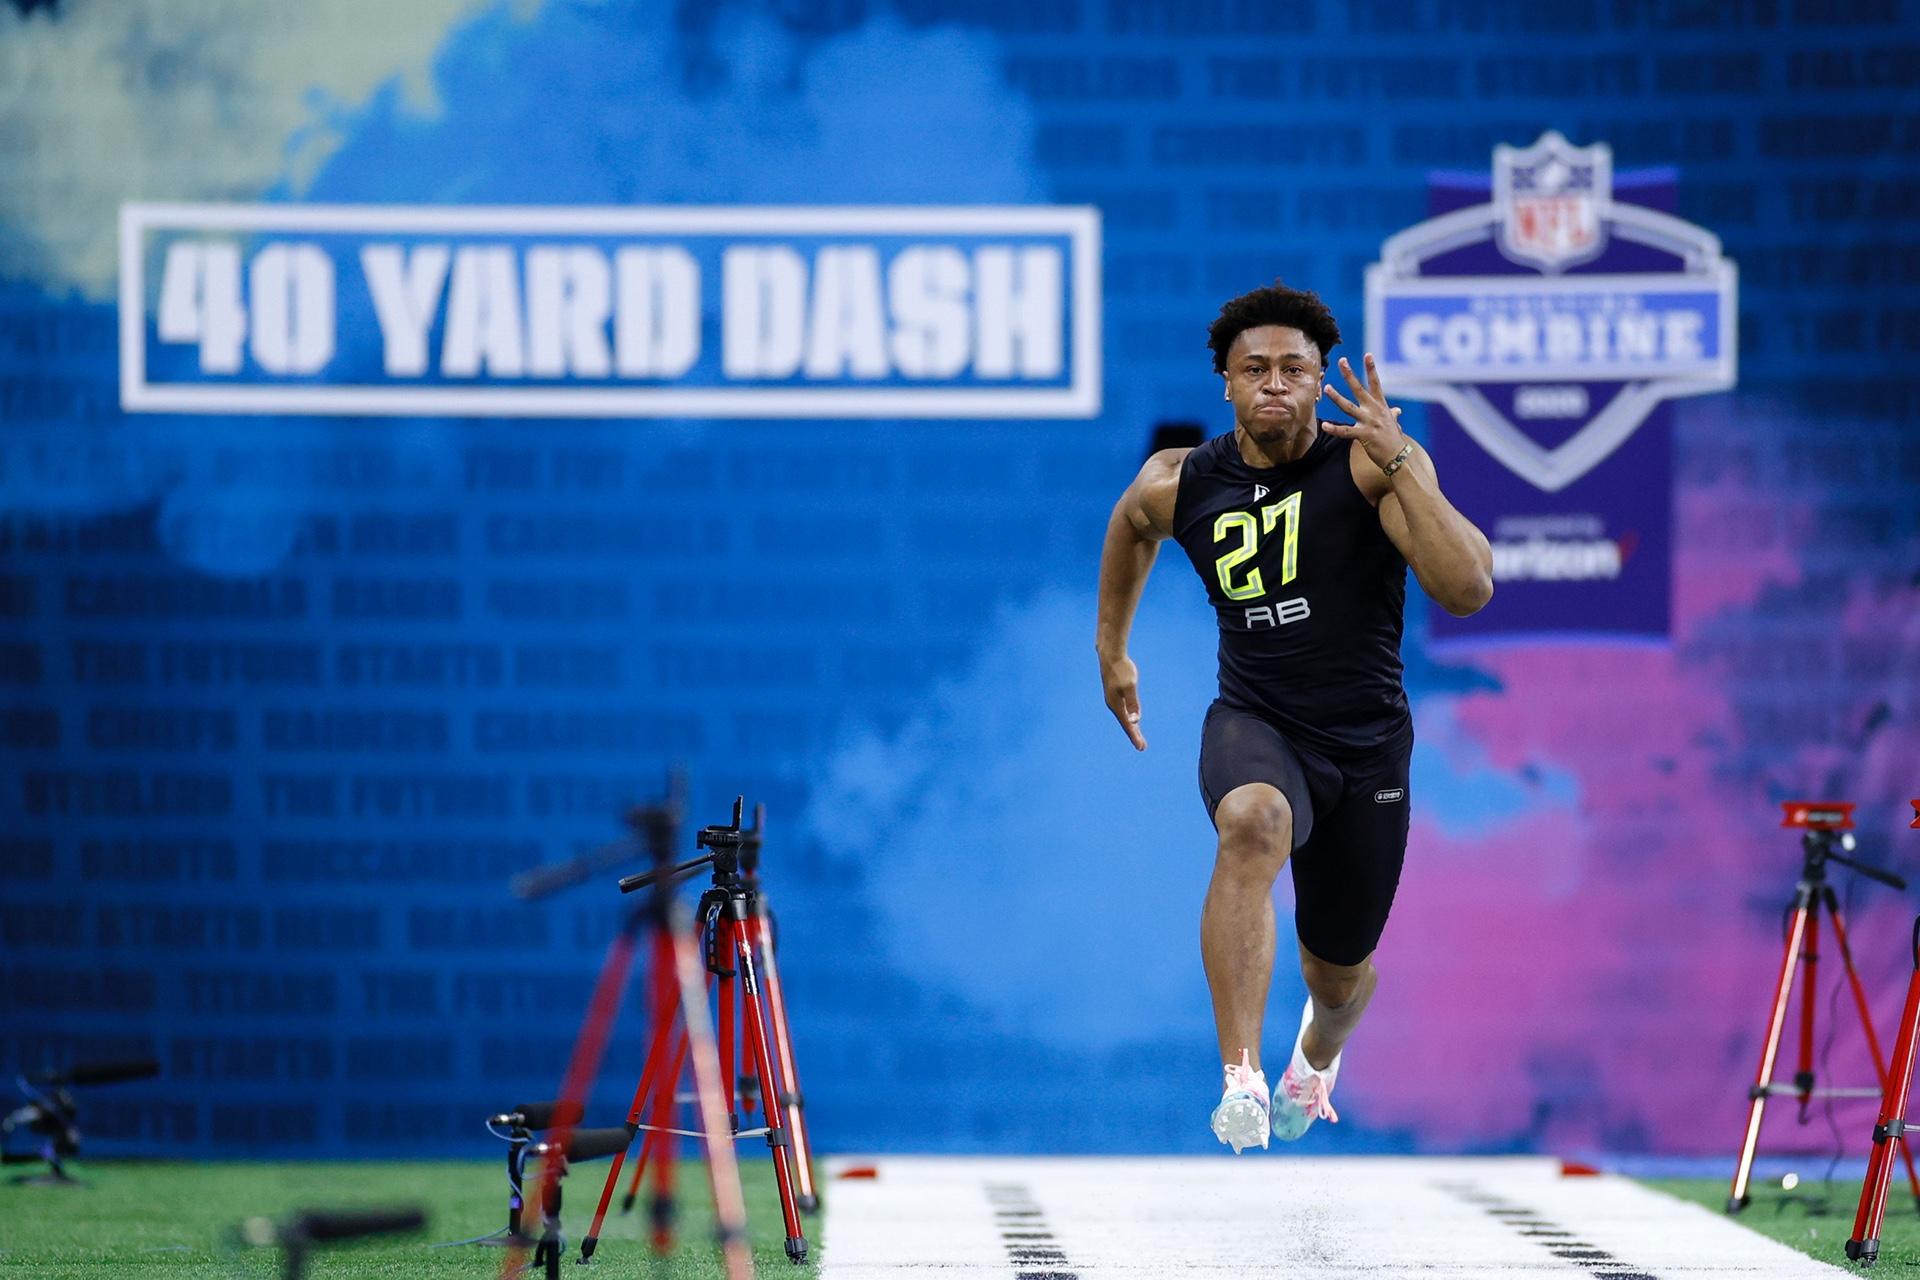 NFL Combine: Jonathan Taylor de Wisconsin muestra por qué es material de primera ronda 6